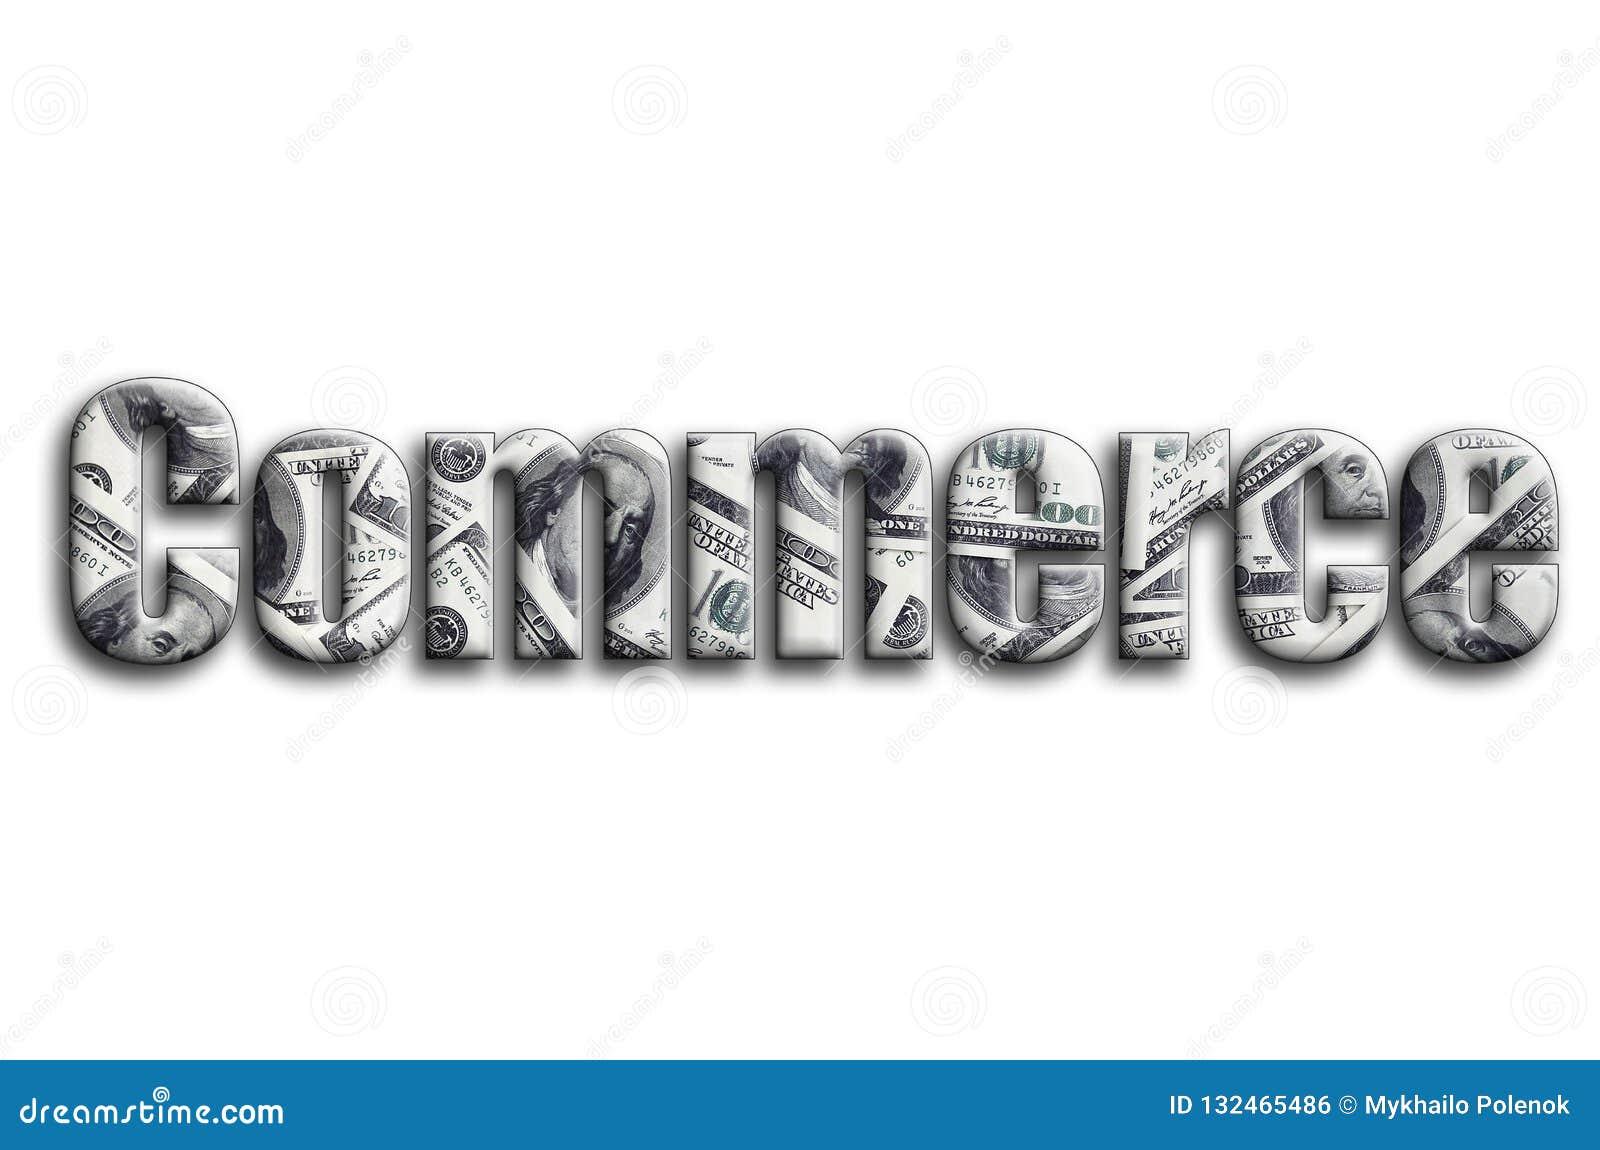 Коммерция Надпись имеет текстуру фотографии, которая показывает много счеты доллара США